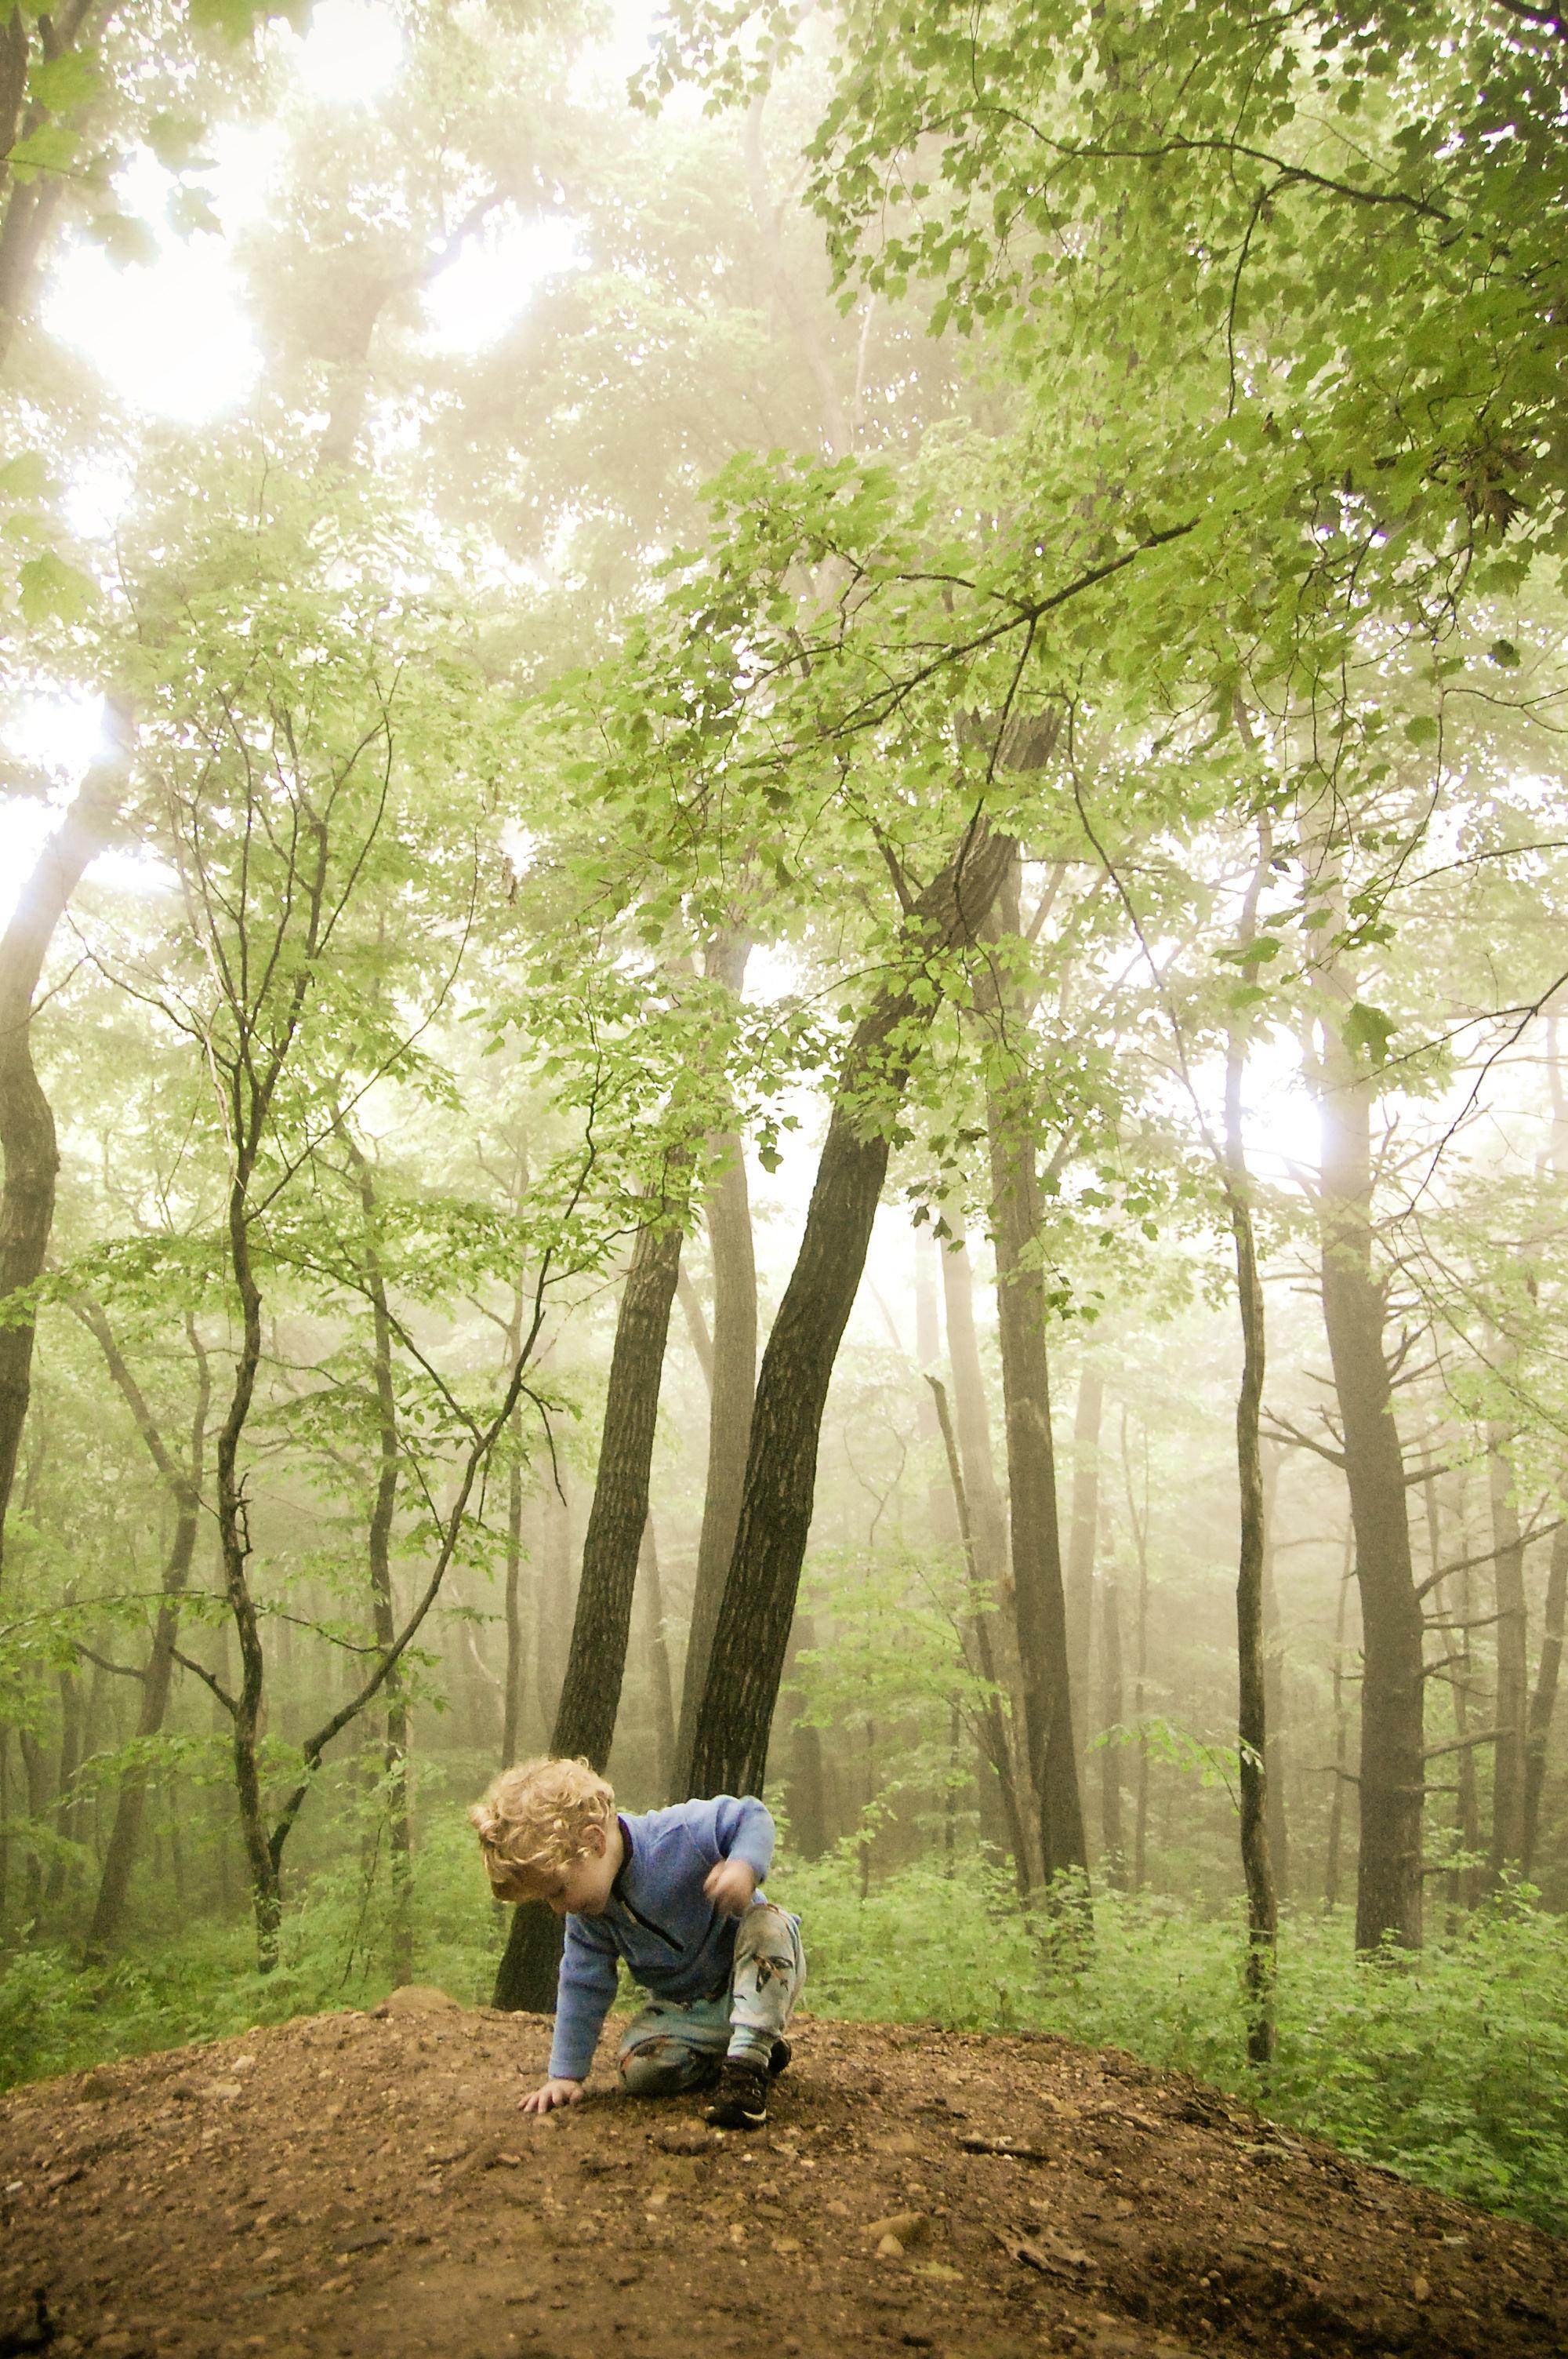 Fonds D'écran Enfant Dans La Nature - MaximumWall